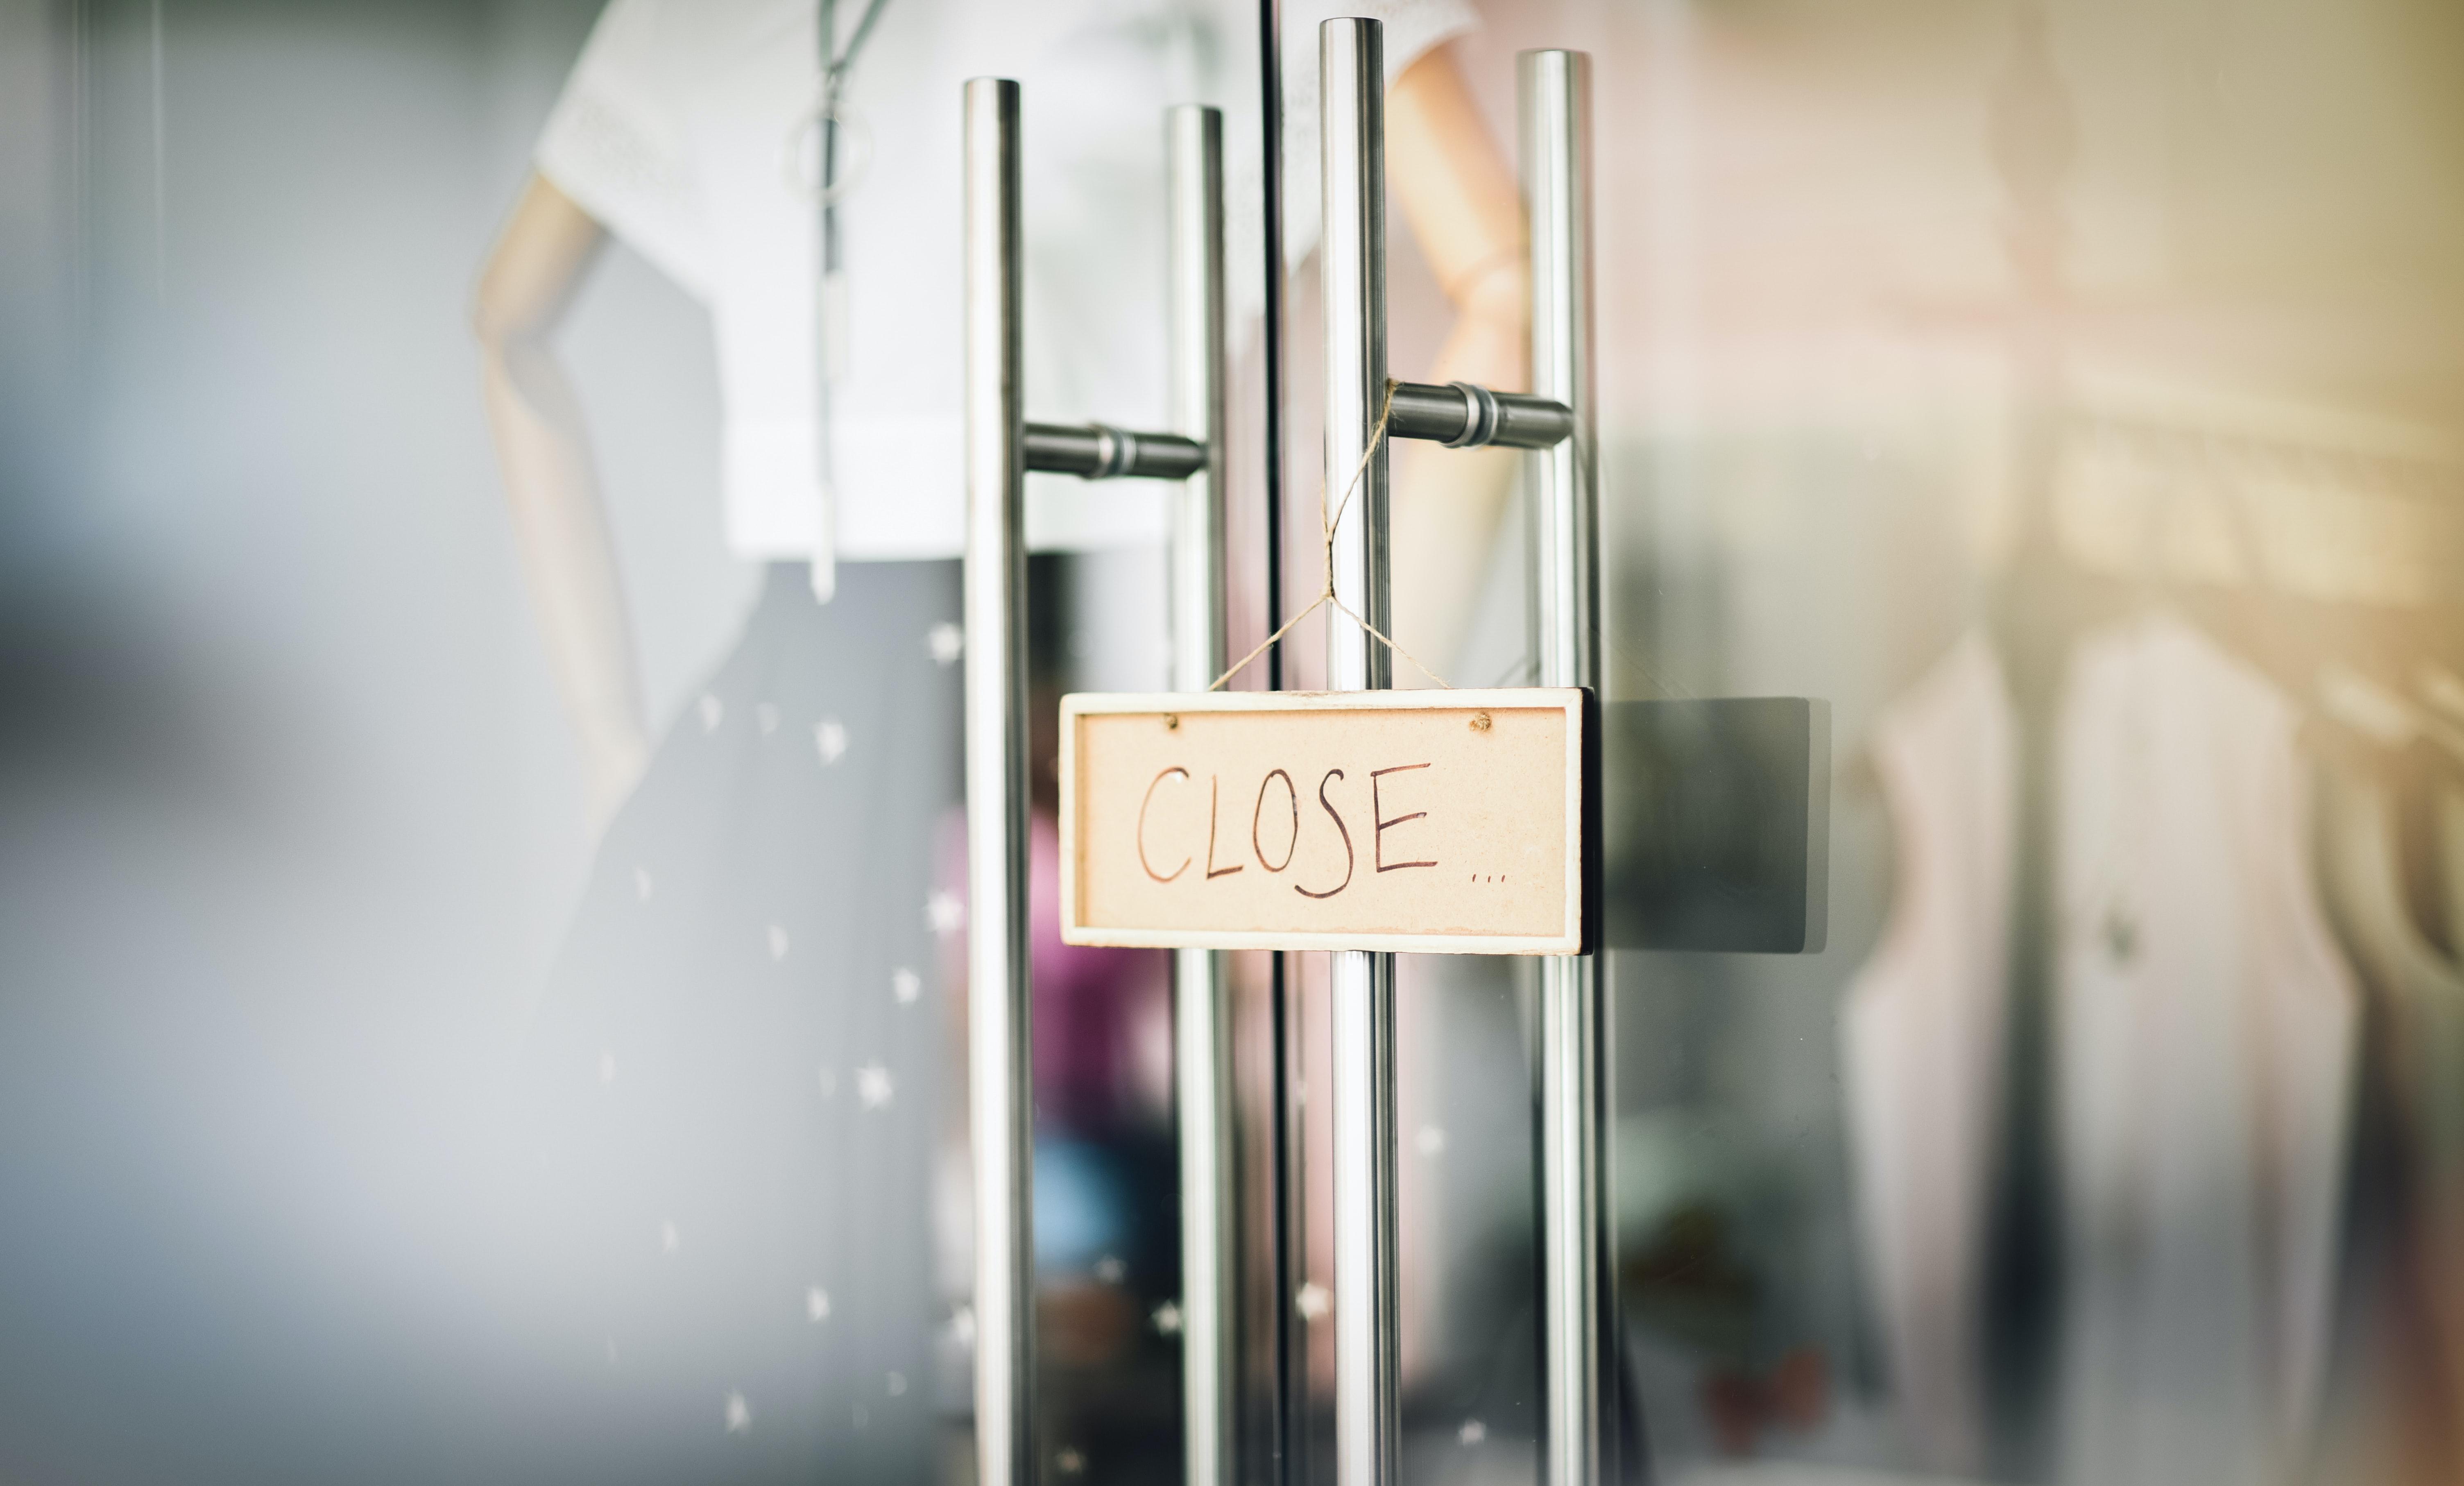 店鋪招牌顯示關門